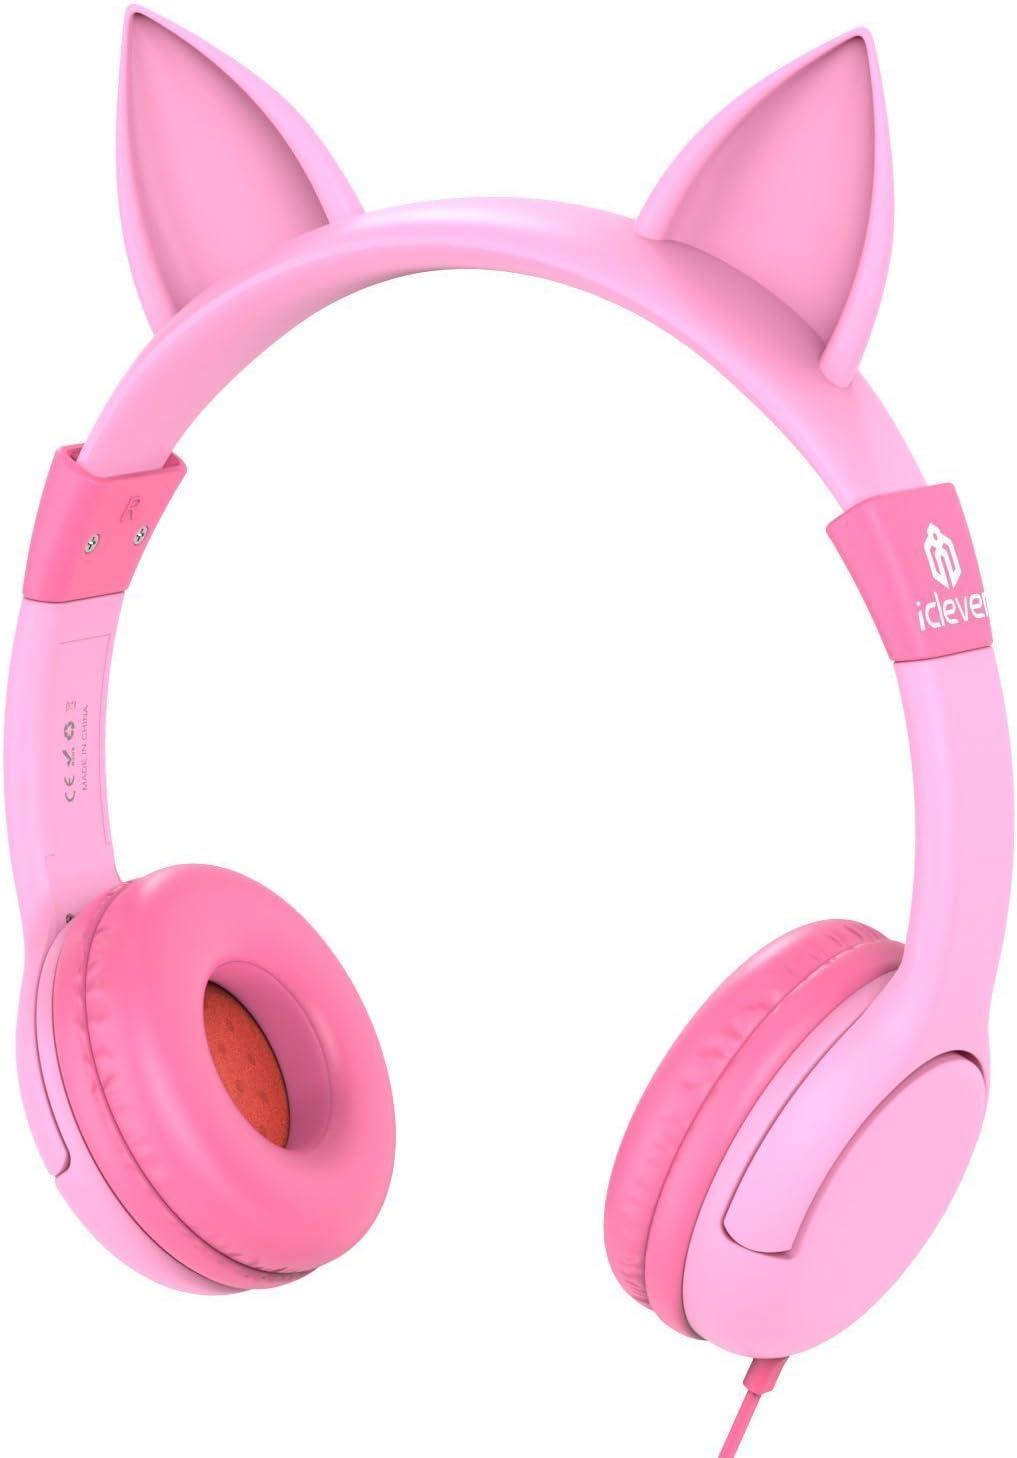 Auriculares para niños, iClever Volumen Limitado Cascos para niños sobre el oído Auriculares para bebés con diseño estéreo Ajustable Cat para Tablets iPhone iPad PC MP3, Regalos para niña, Rosa